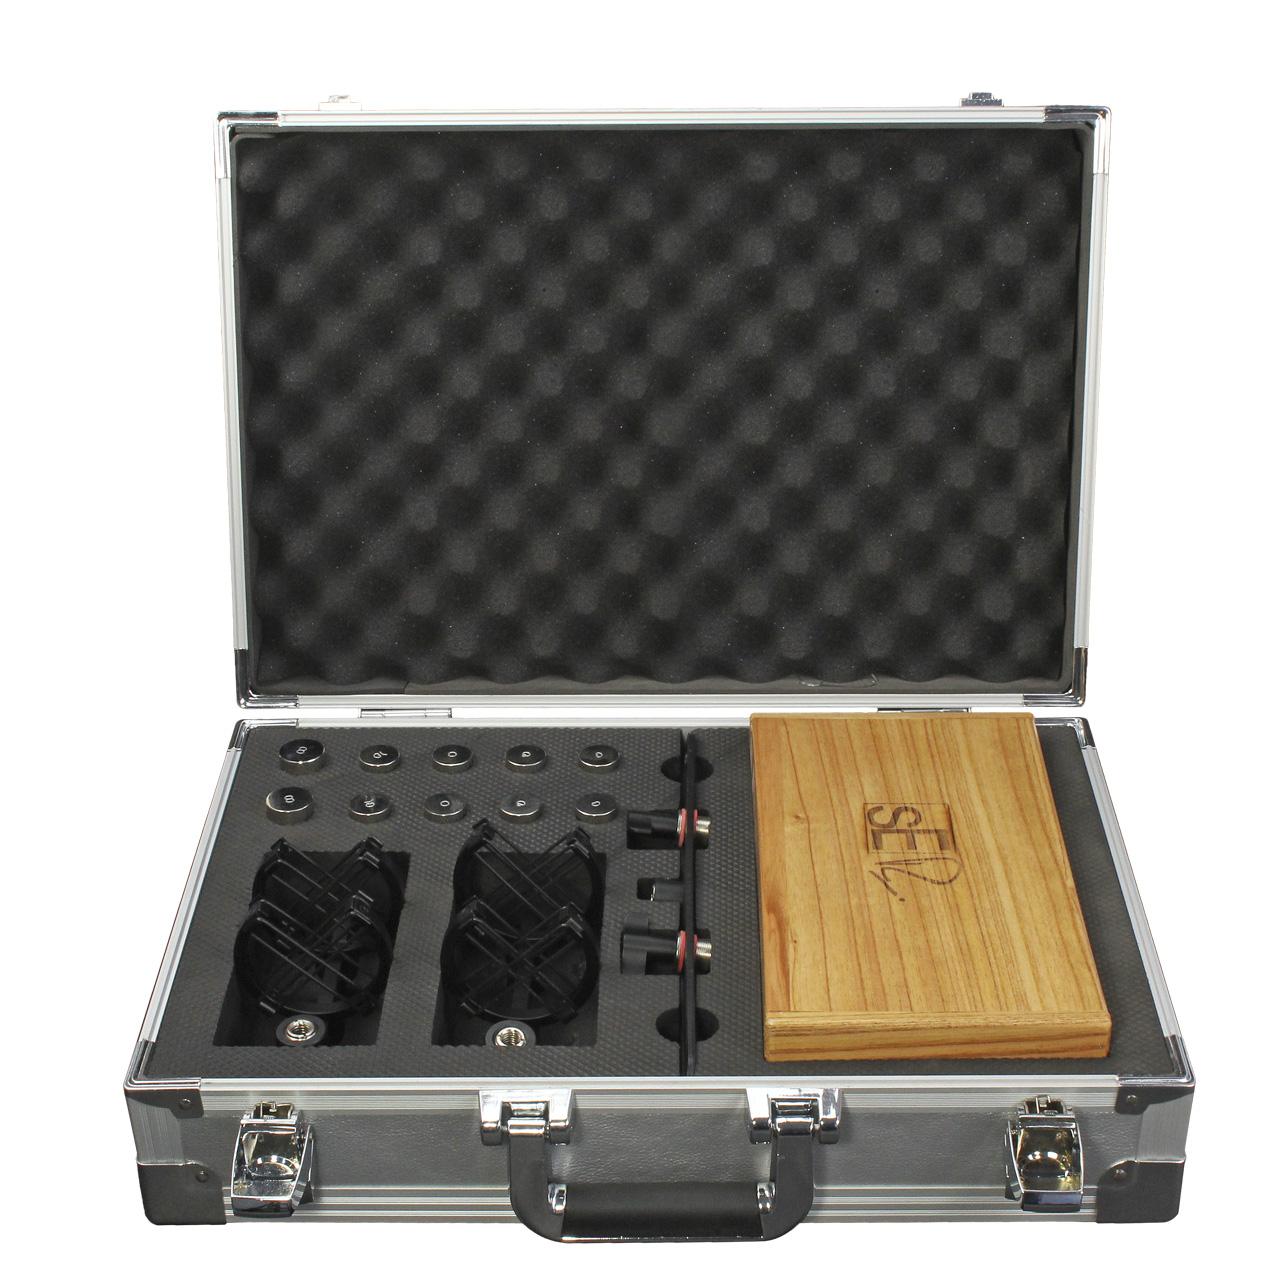 rn17-pair-suitcase-open.jpg